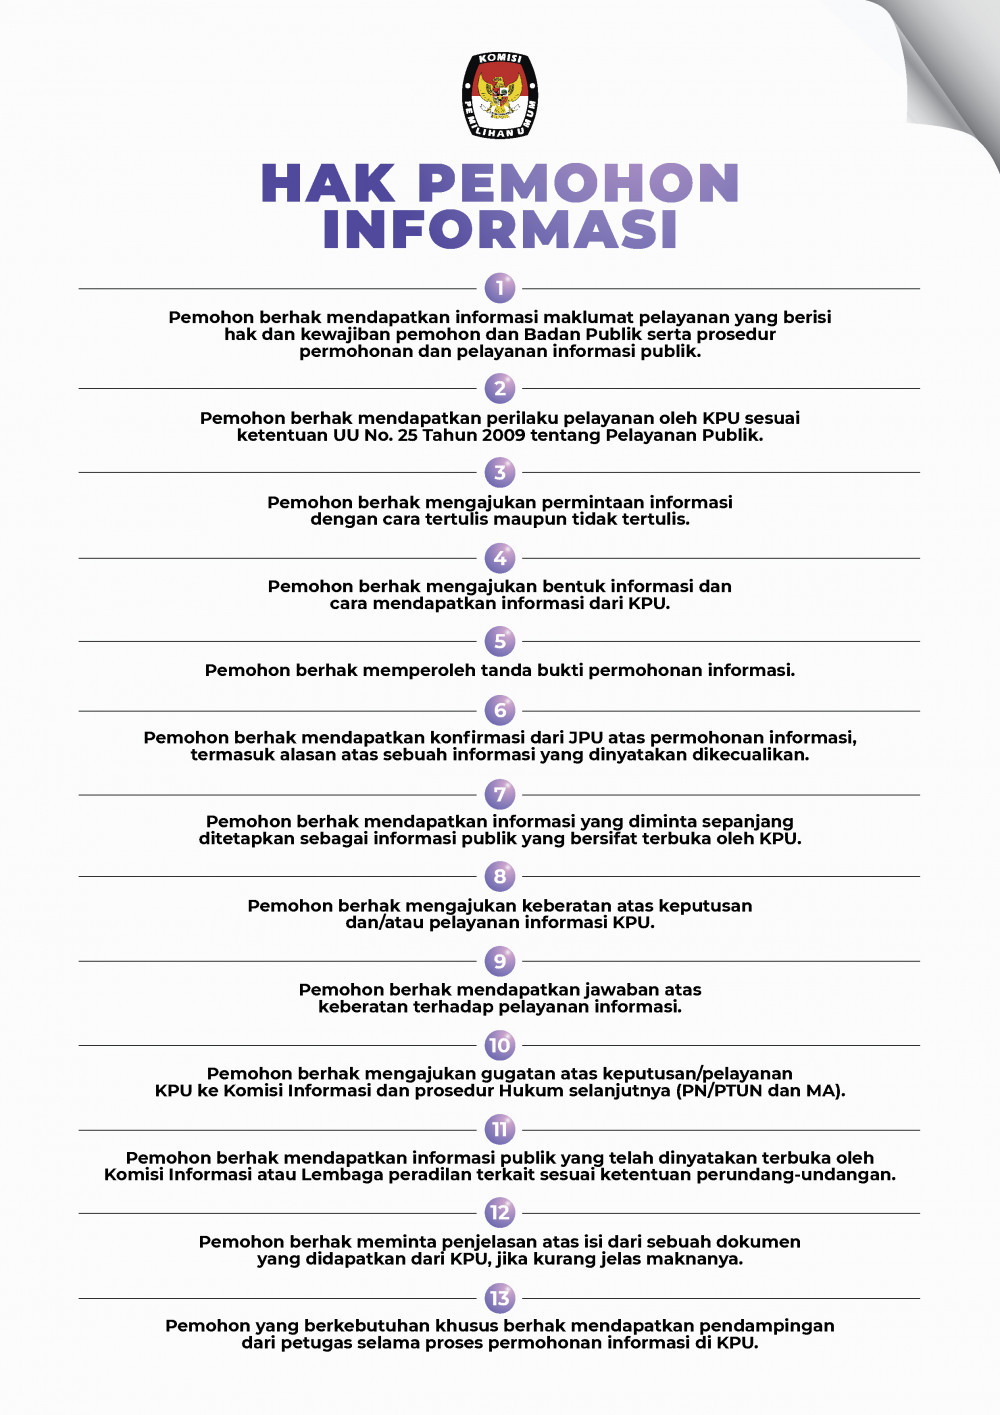 Hak Pemohon Informasi